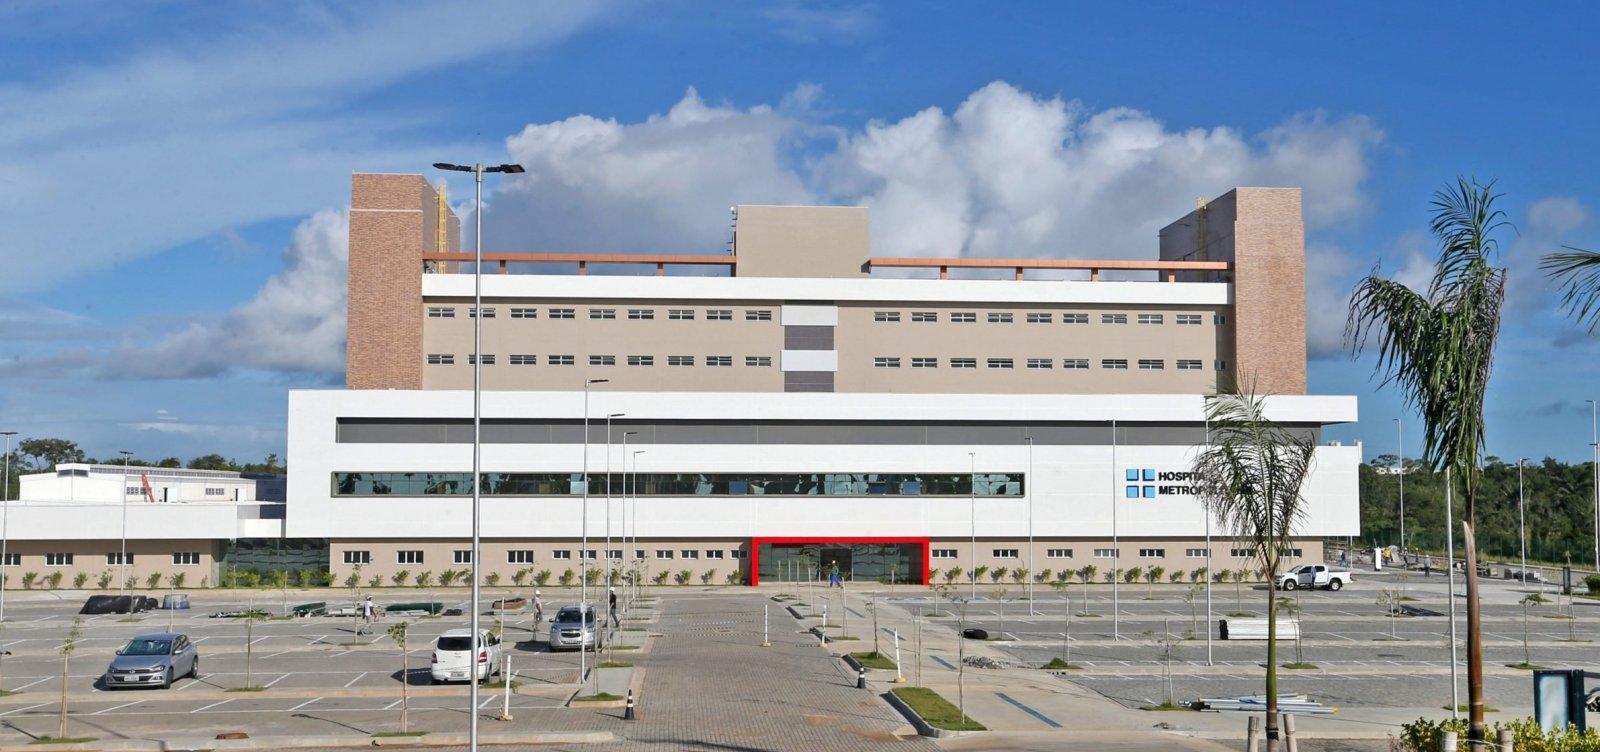 Governo tenta PPP com Hospital Albert Einsten para gestão do Hospital Metropolitano